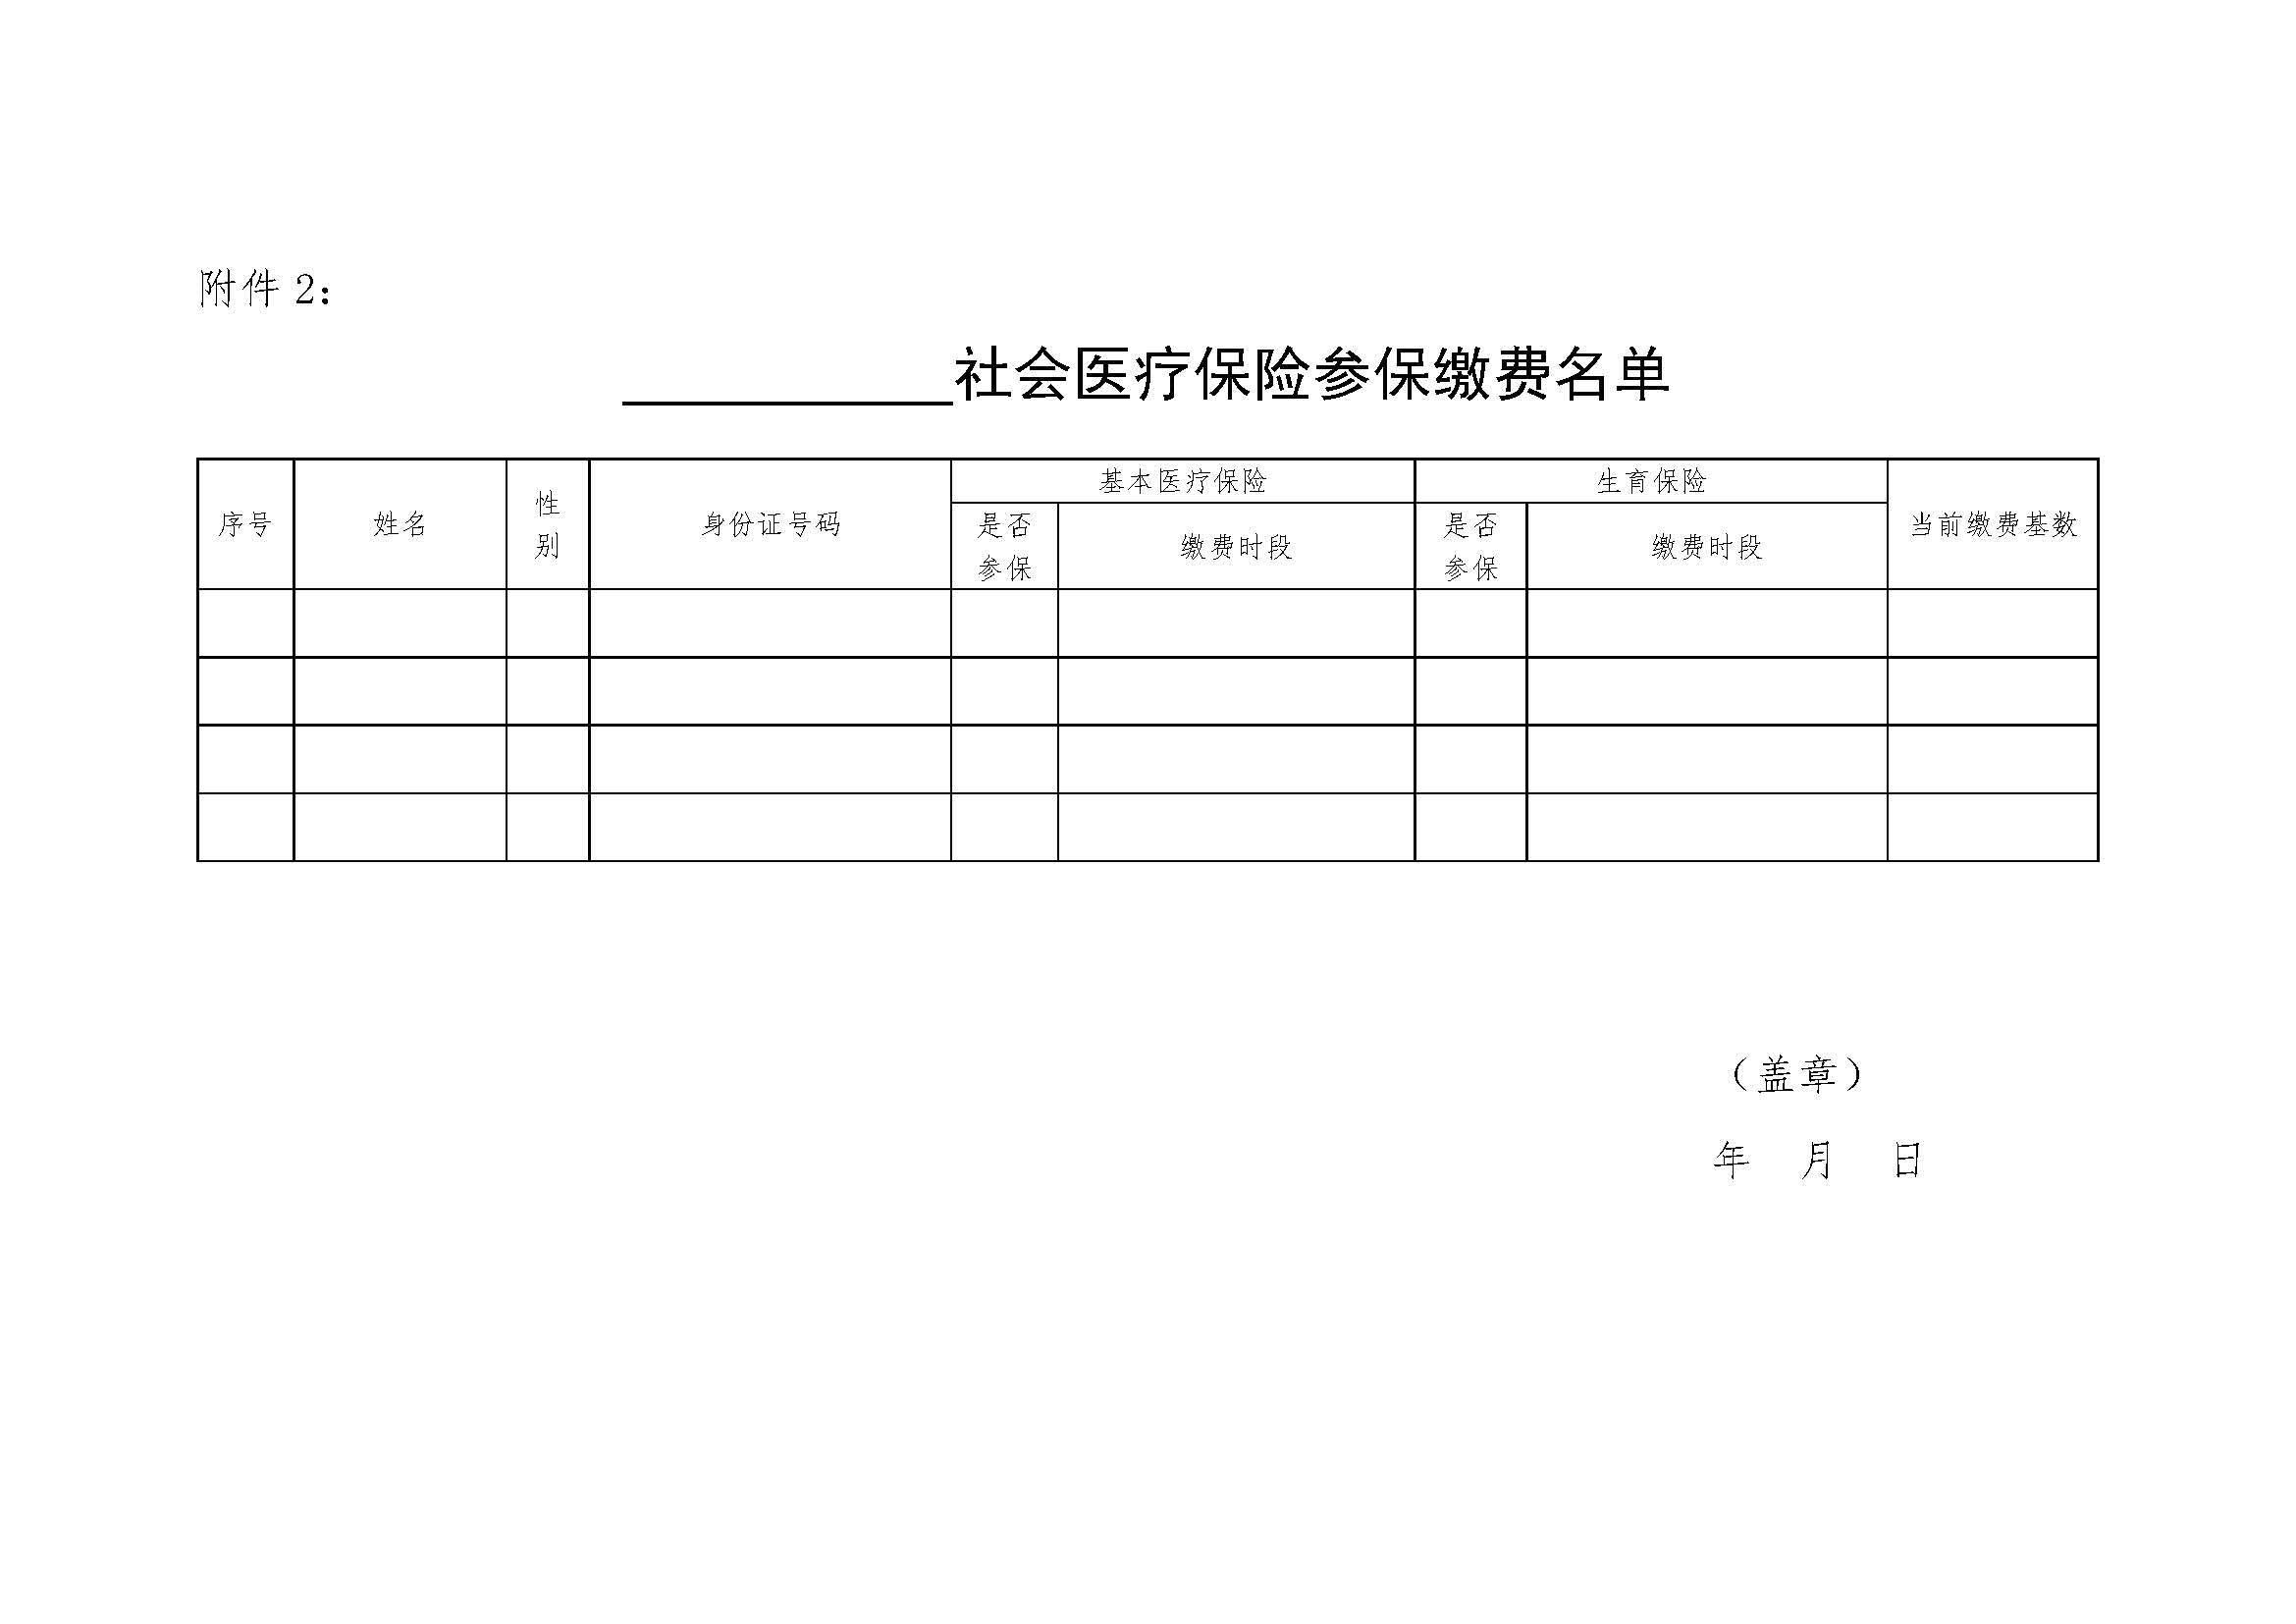 潍坊市残保金申报审核资料医疗保险参保缴费名单